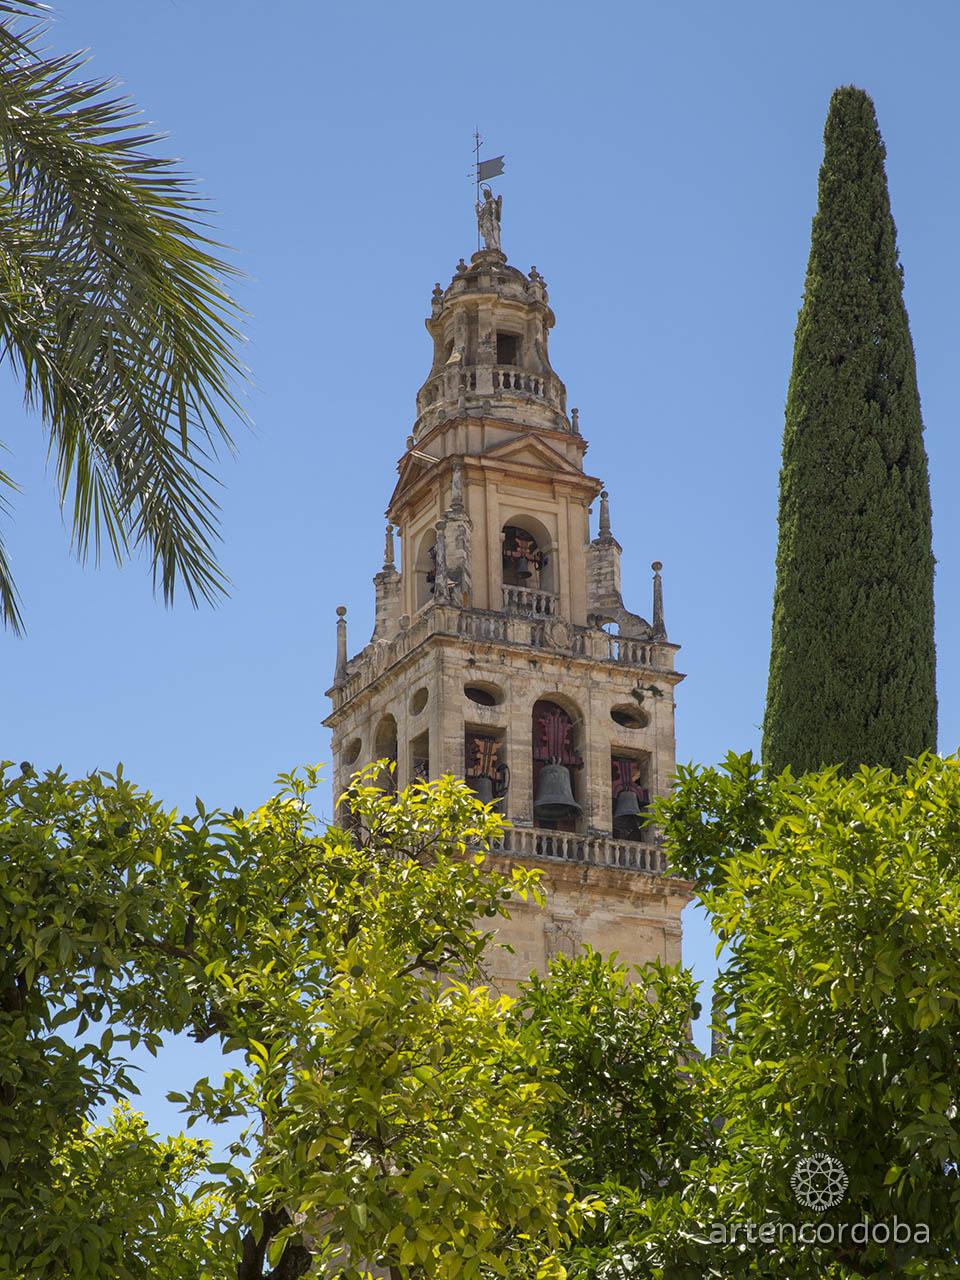 Cuerpo de campanas de la Torre-Campanario de la Mezquita-Catedral de Córdoba